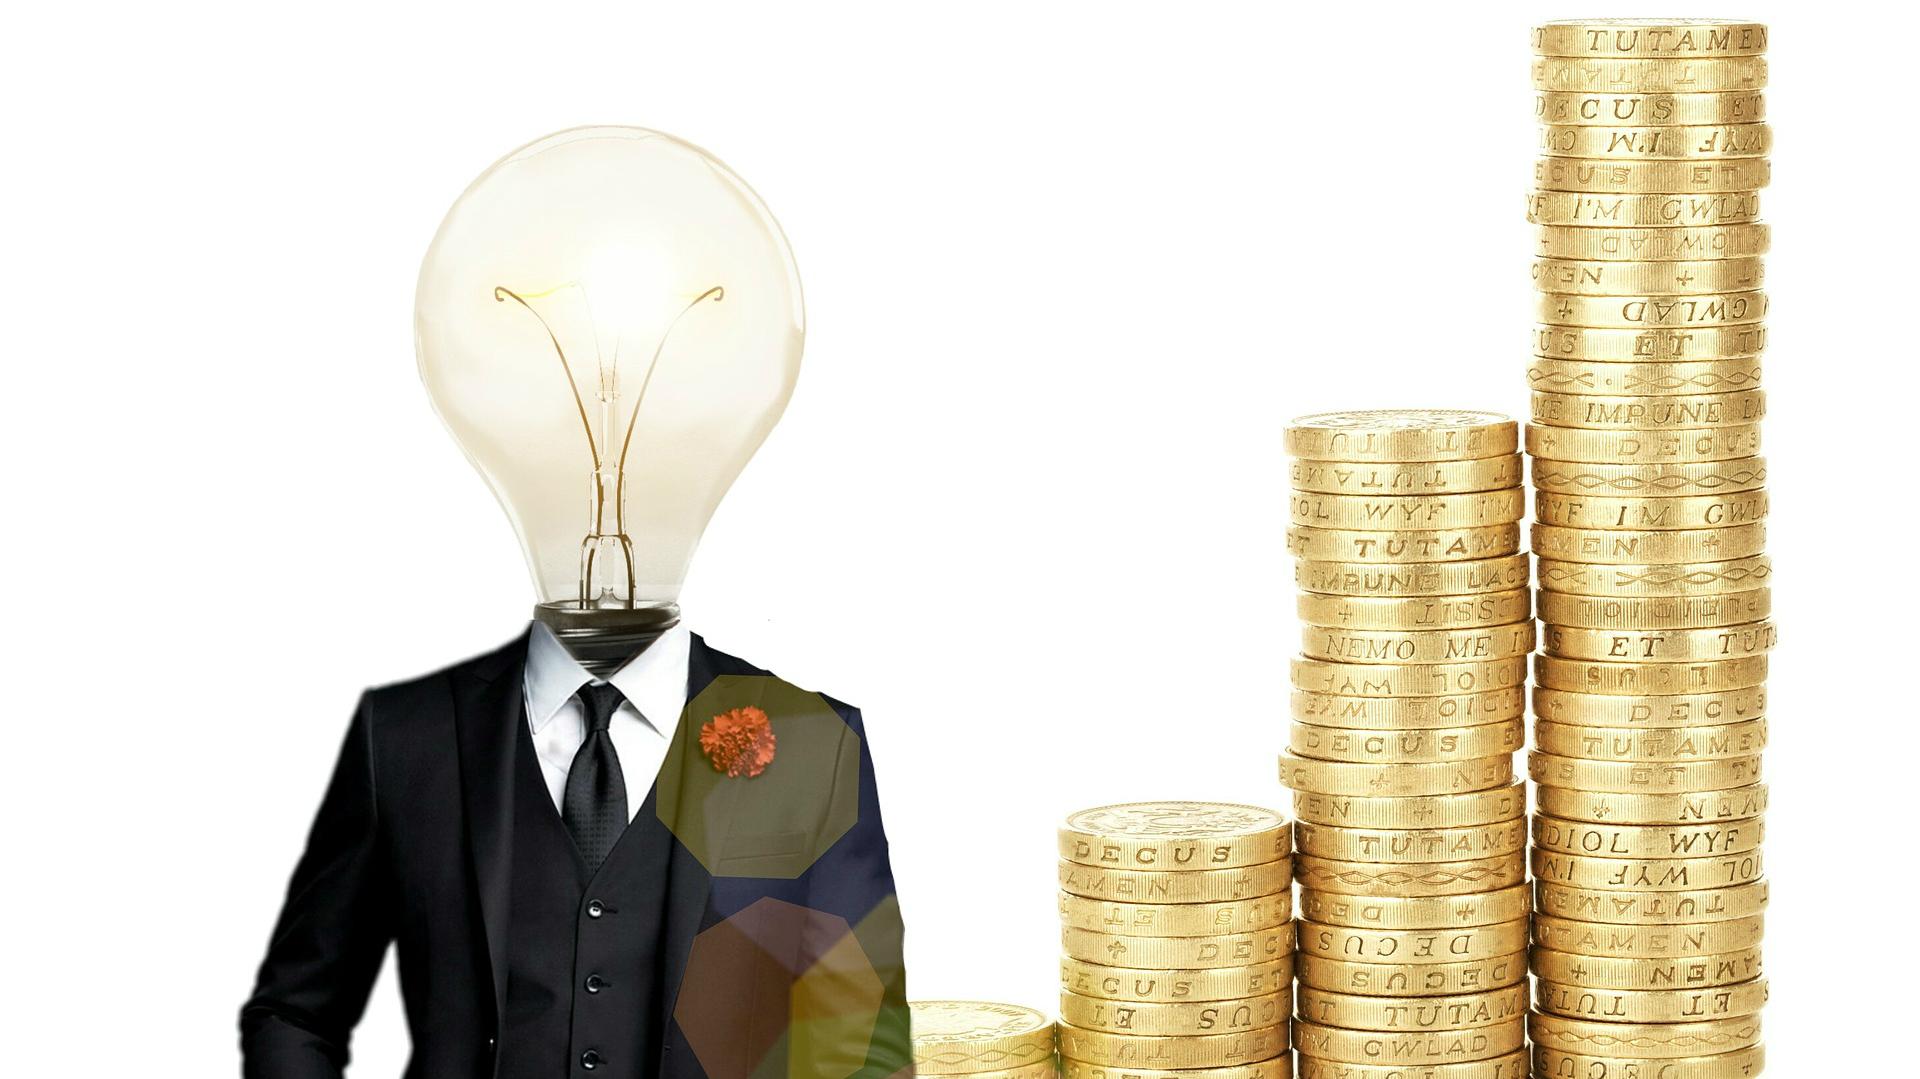 Lielais tiešsaistes biznesa ideju saraksts, lai jūs sāktu - WHSR